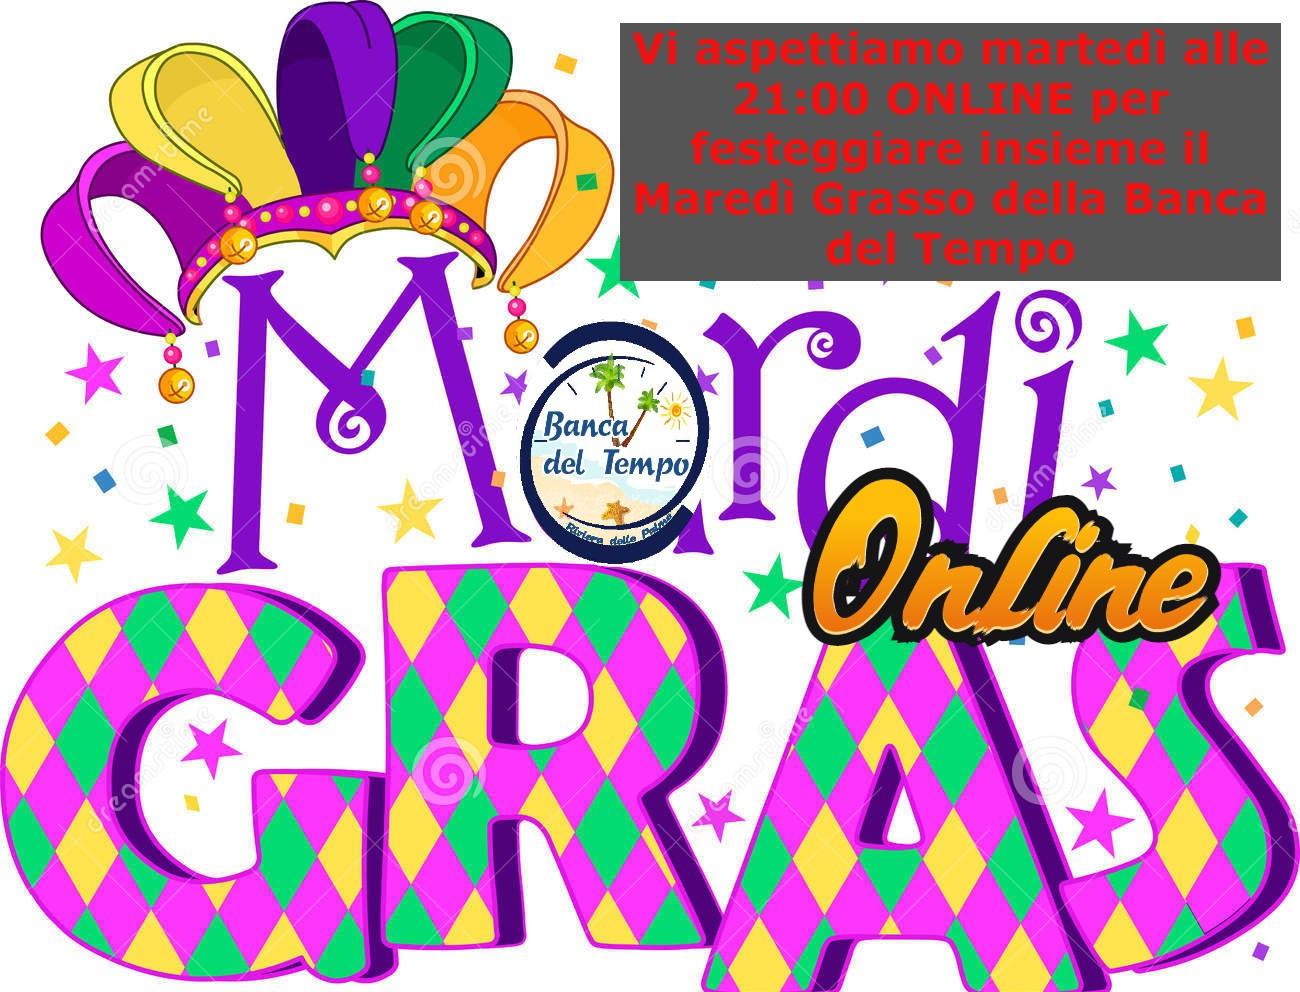 Martedi Grasso Online della Banca del Tempo Riviera delle Palme